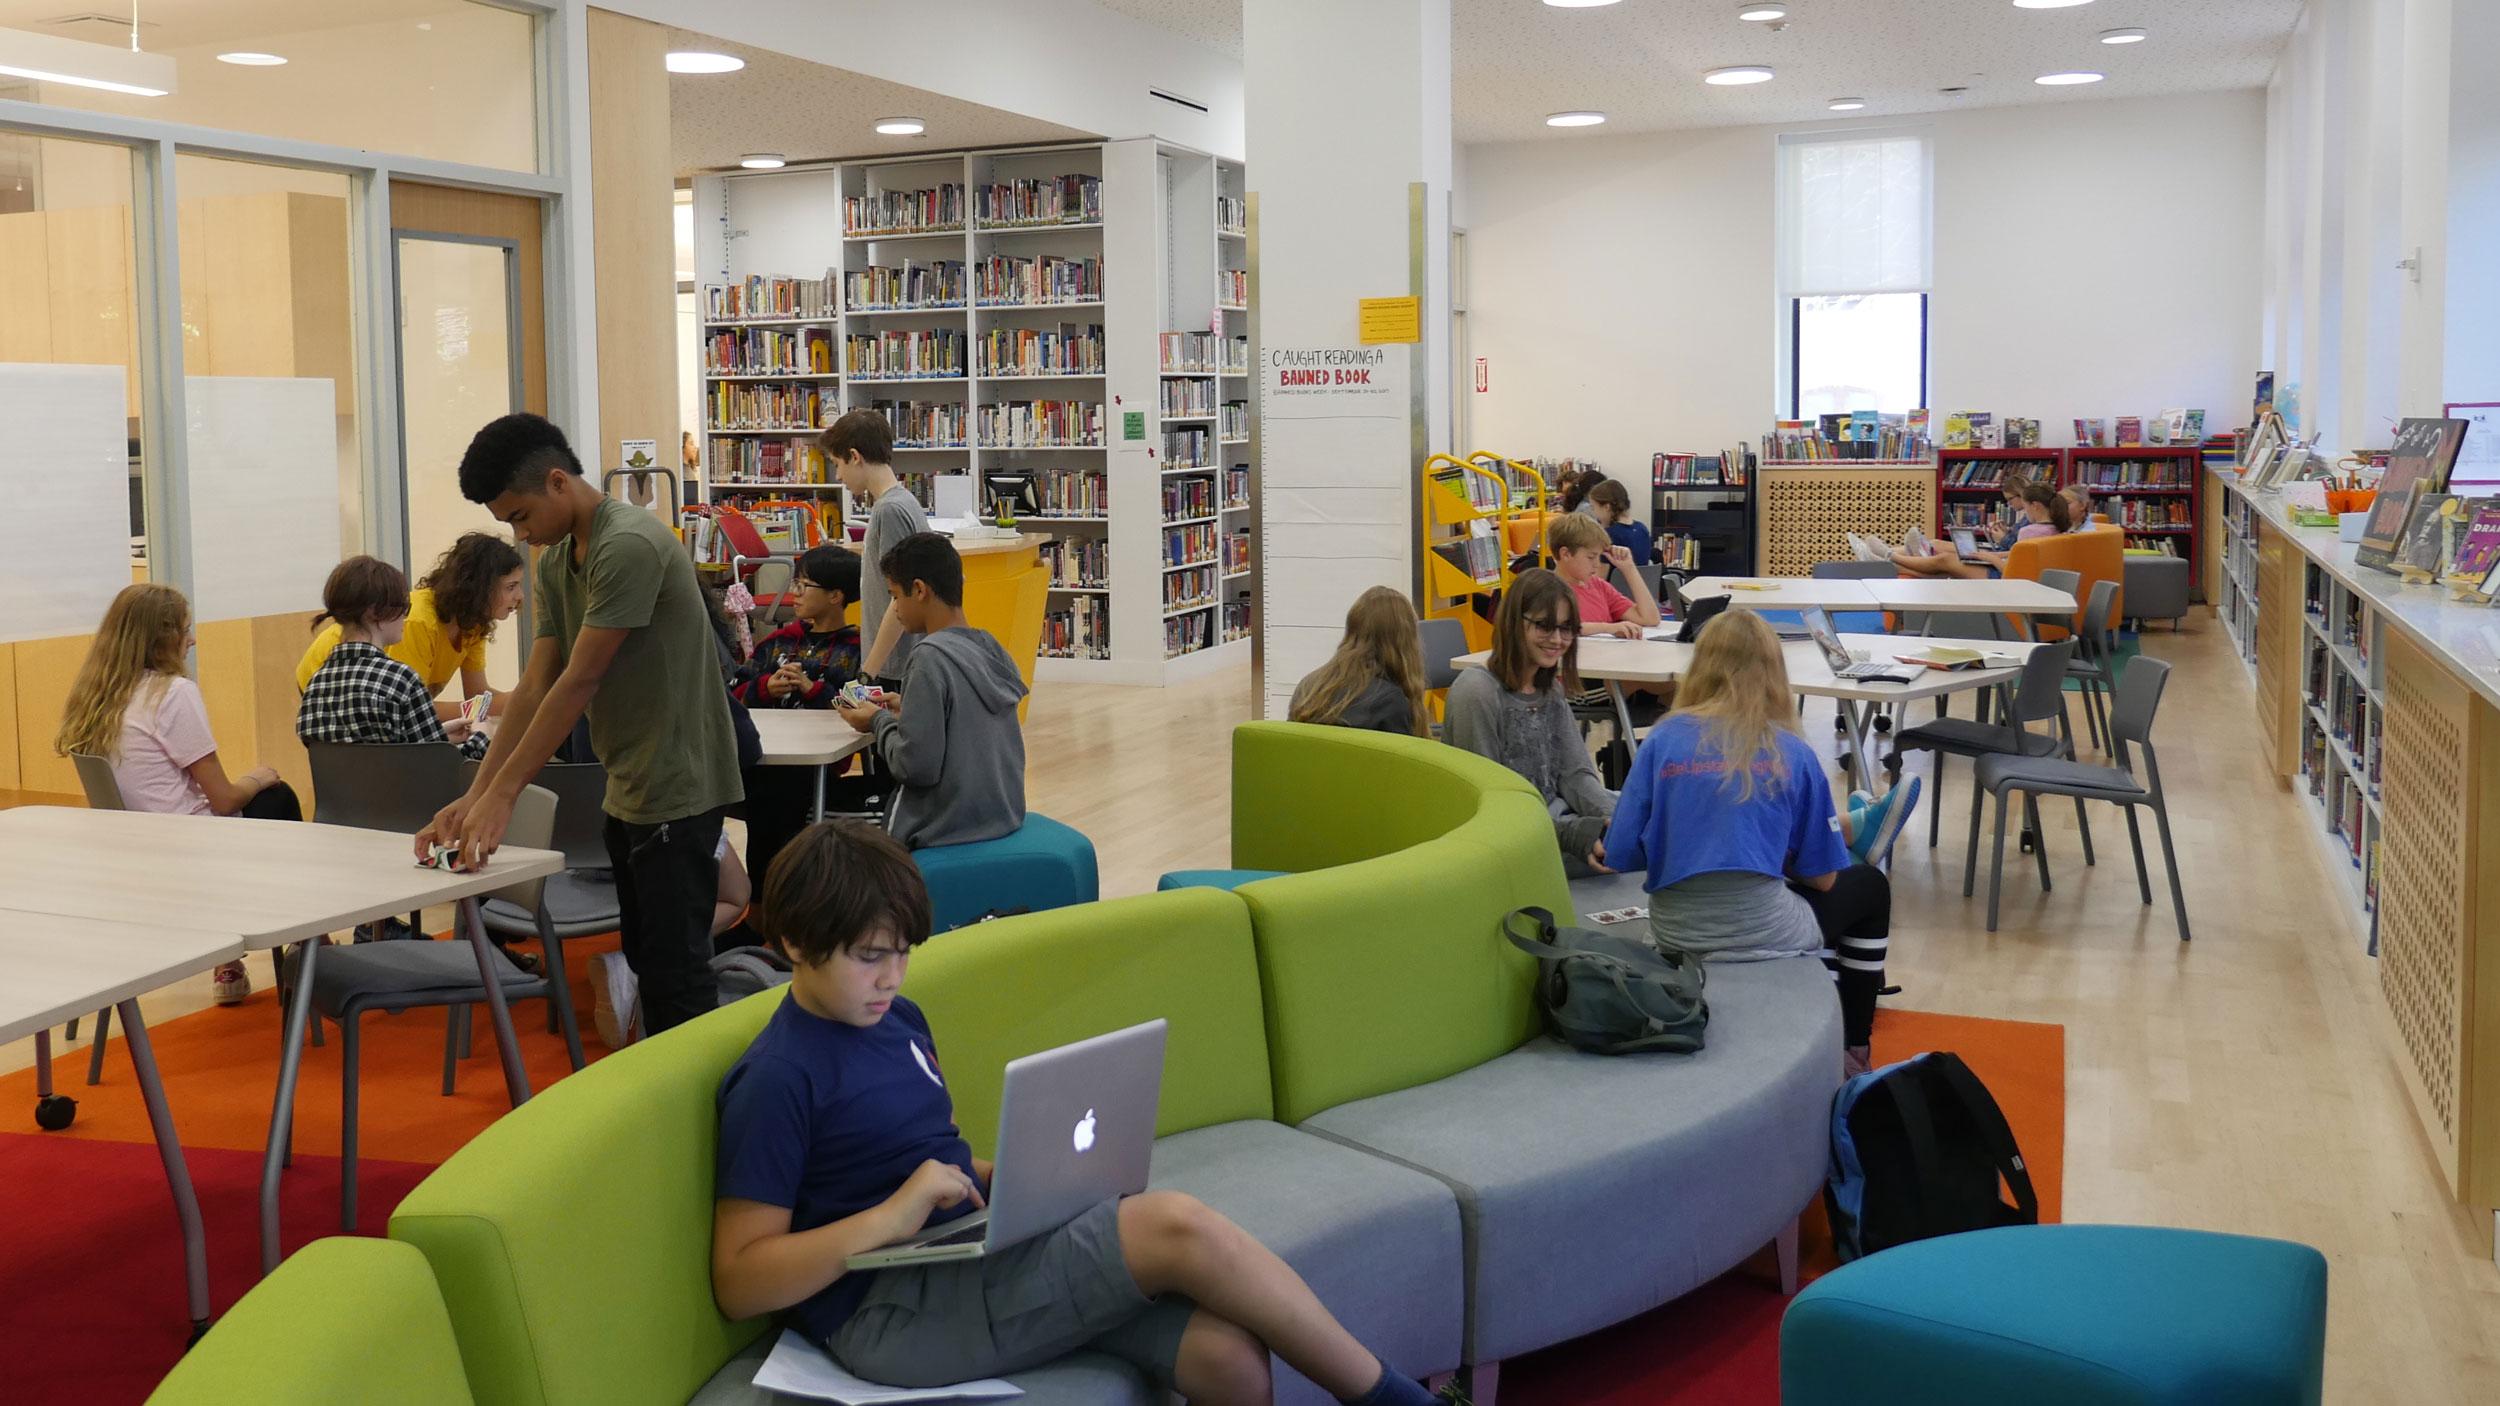 Middle Upper School Libraries The Berkeley Carrol School